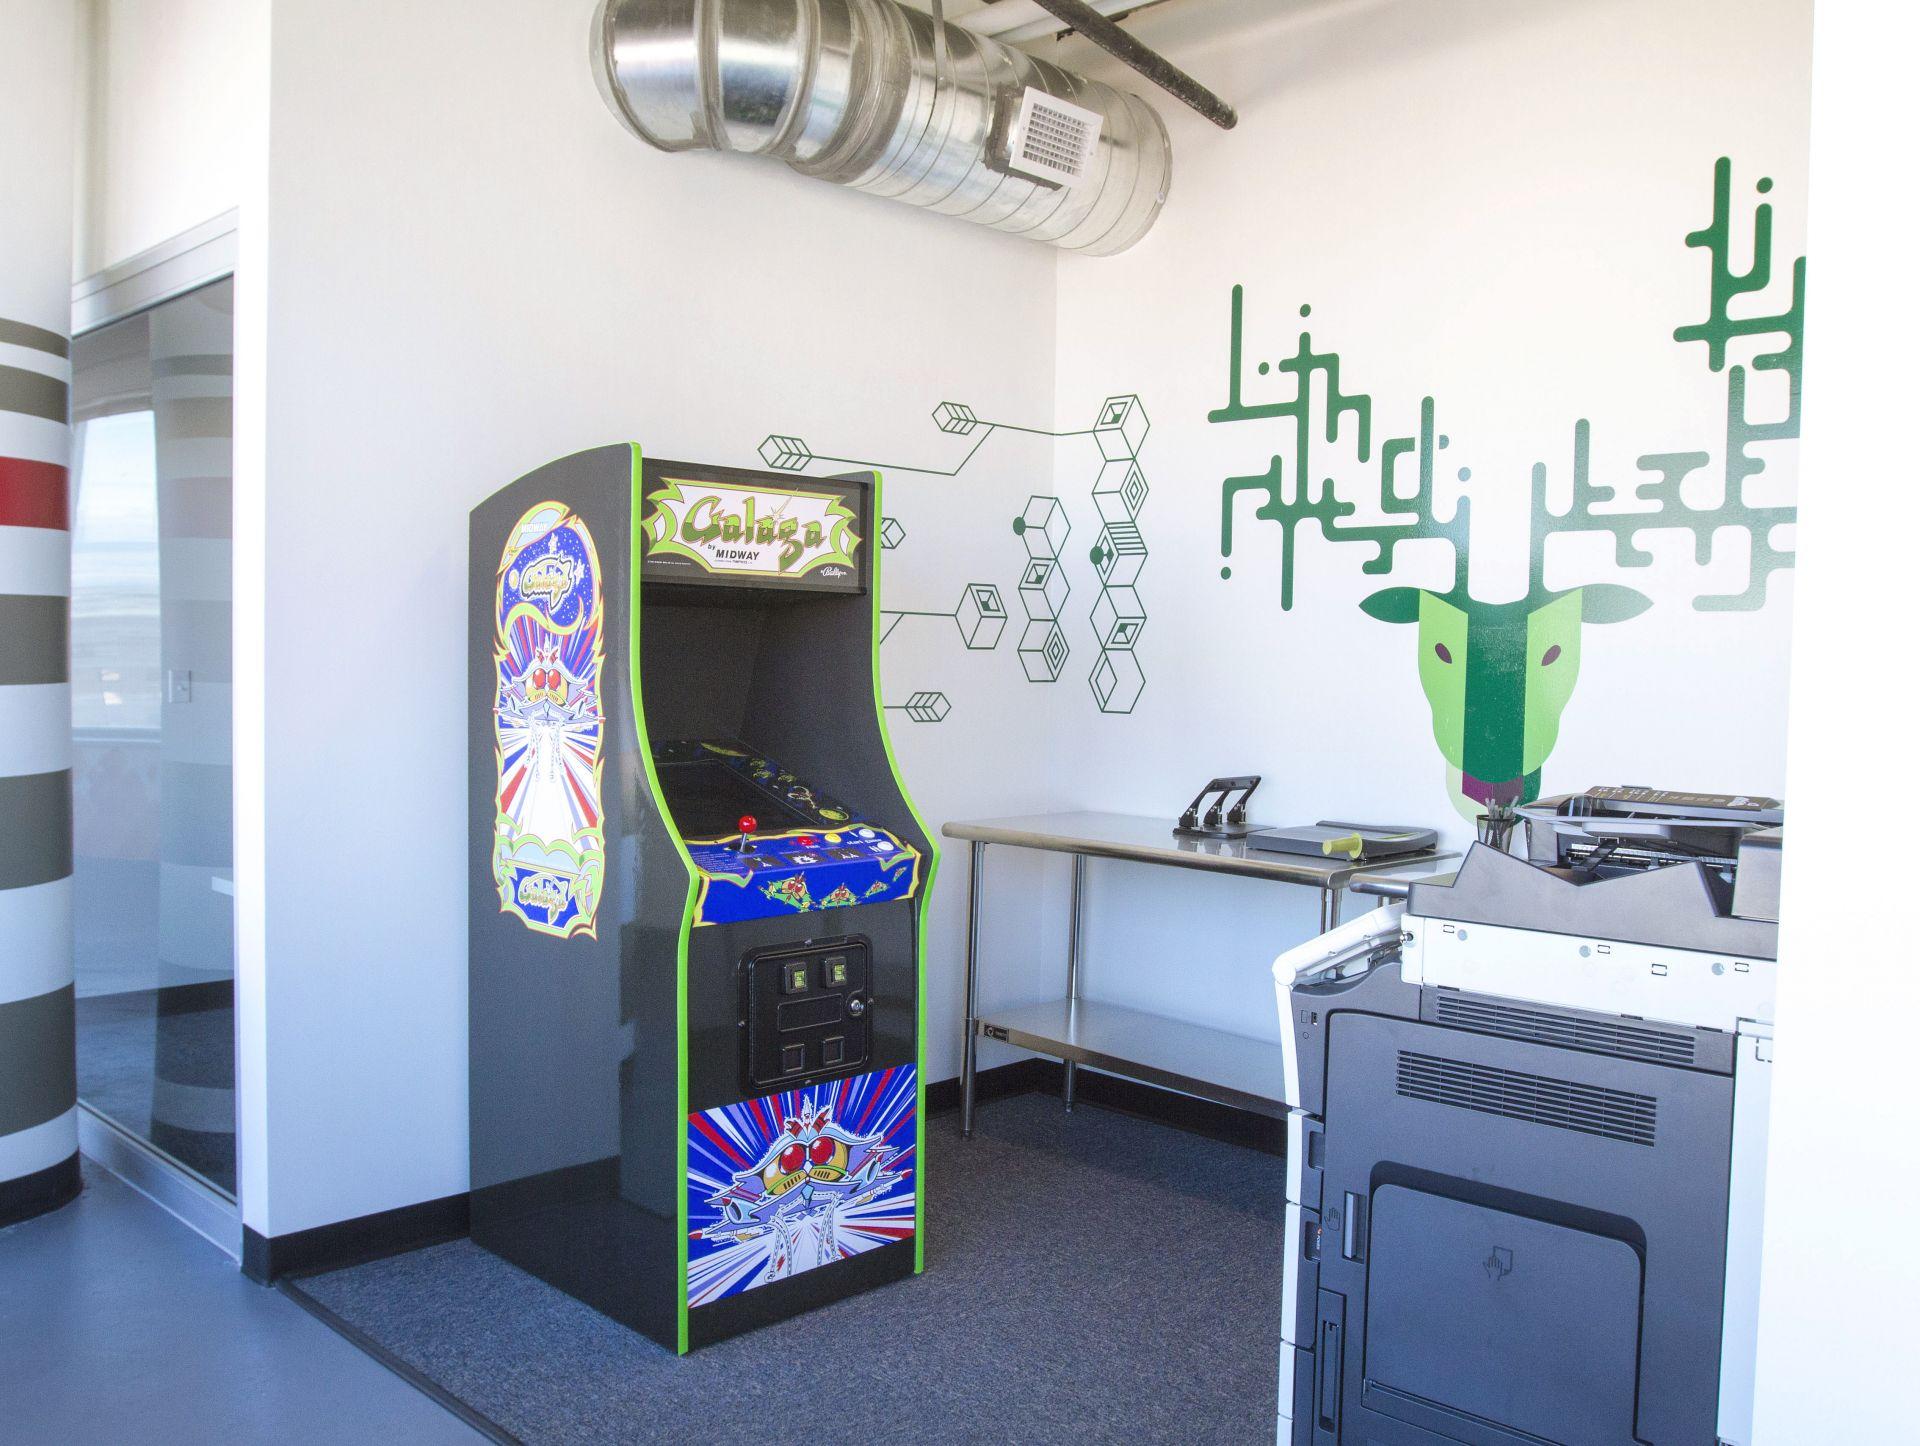 Simms Space, Albuquerque